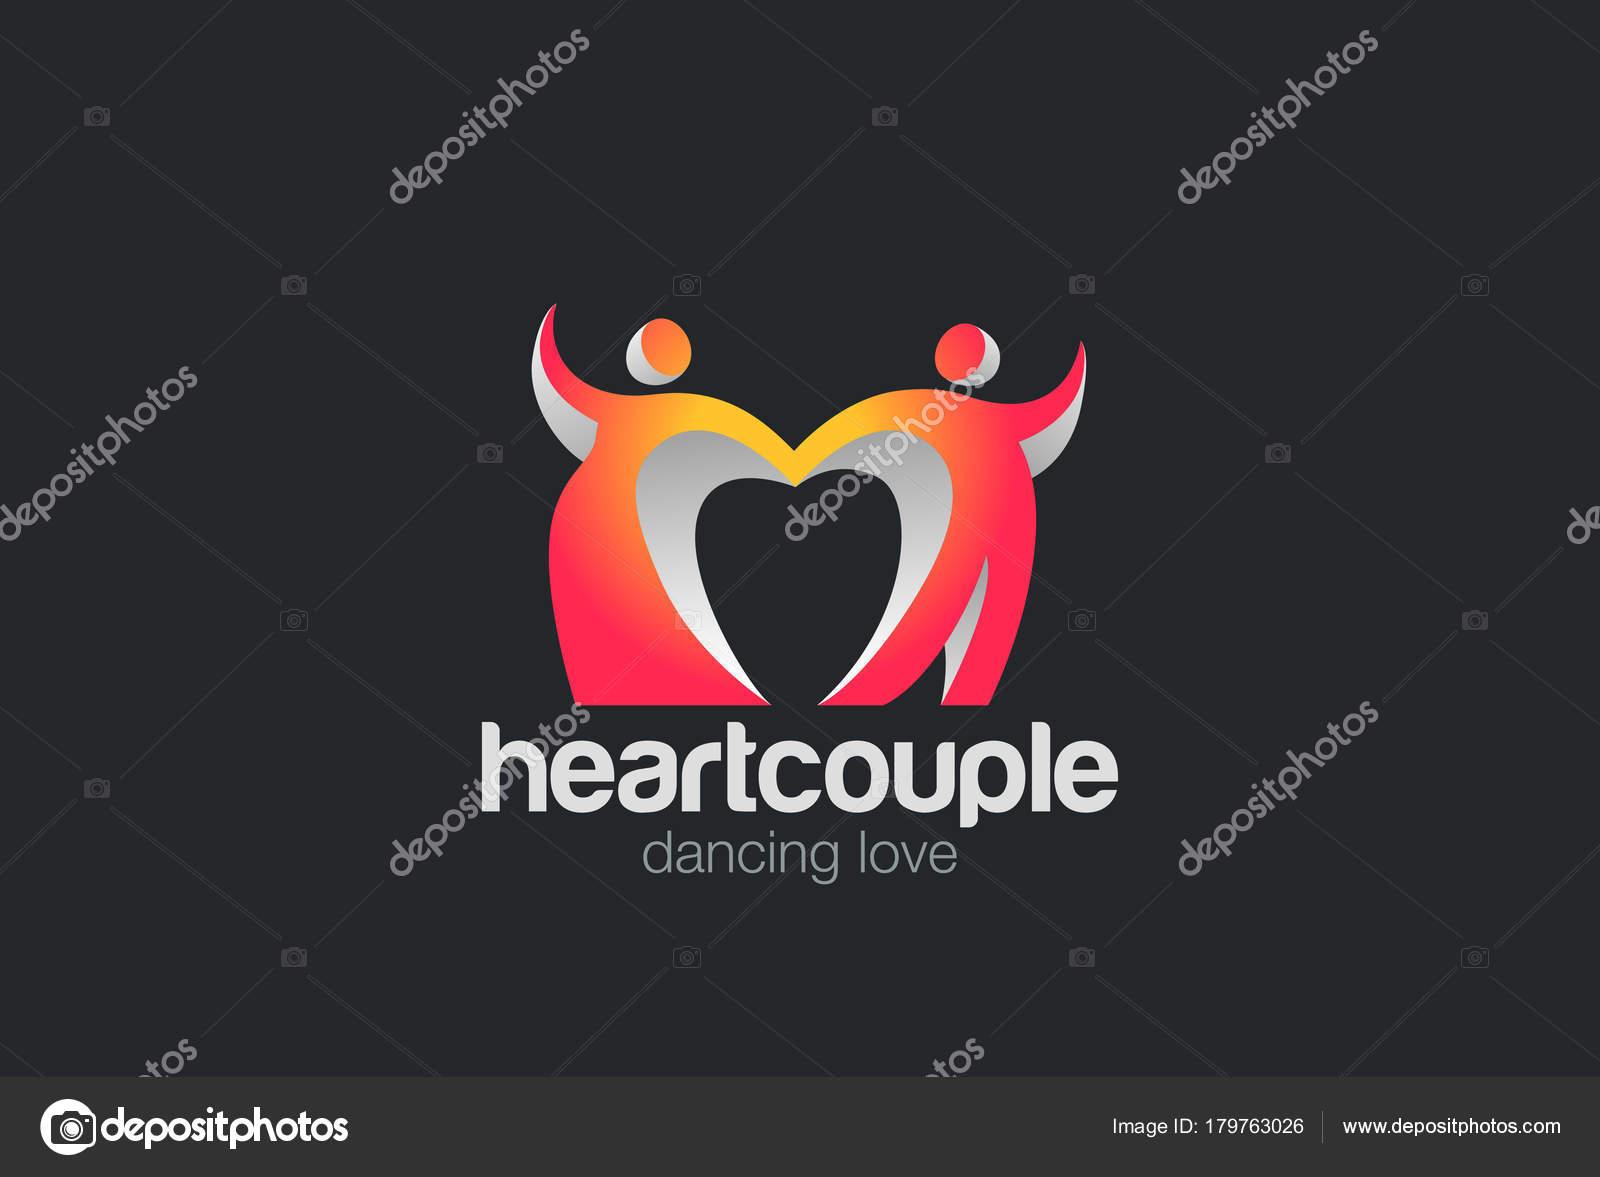 Tanzpaar Mit Herz Logo Design Vektor Vorlage — Stockvektor ...